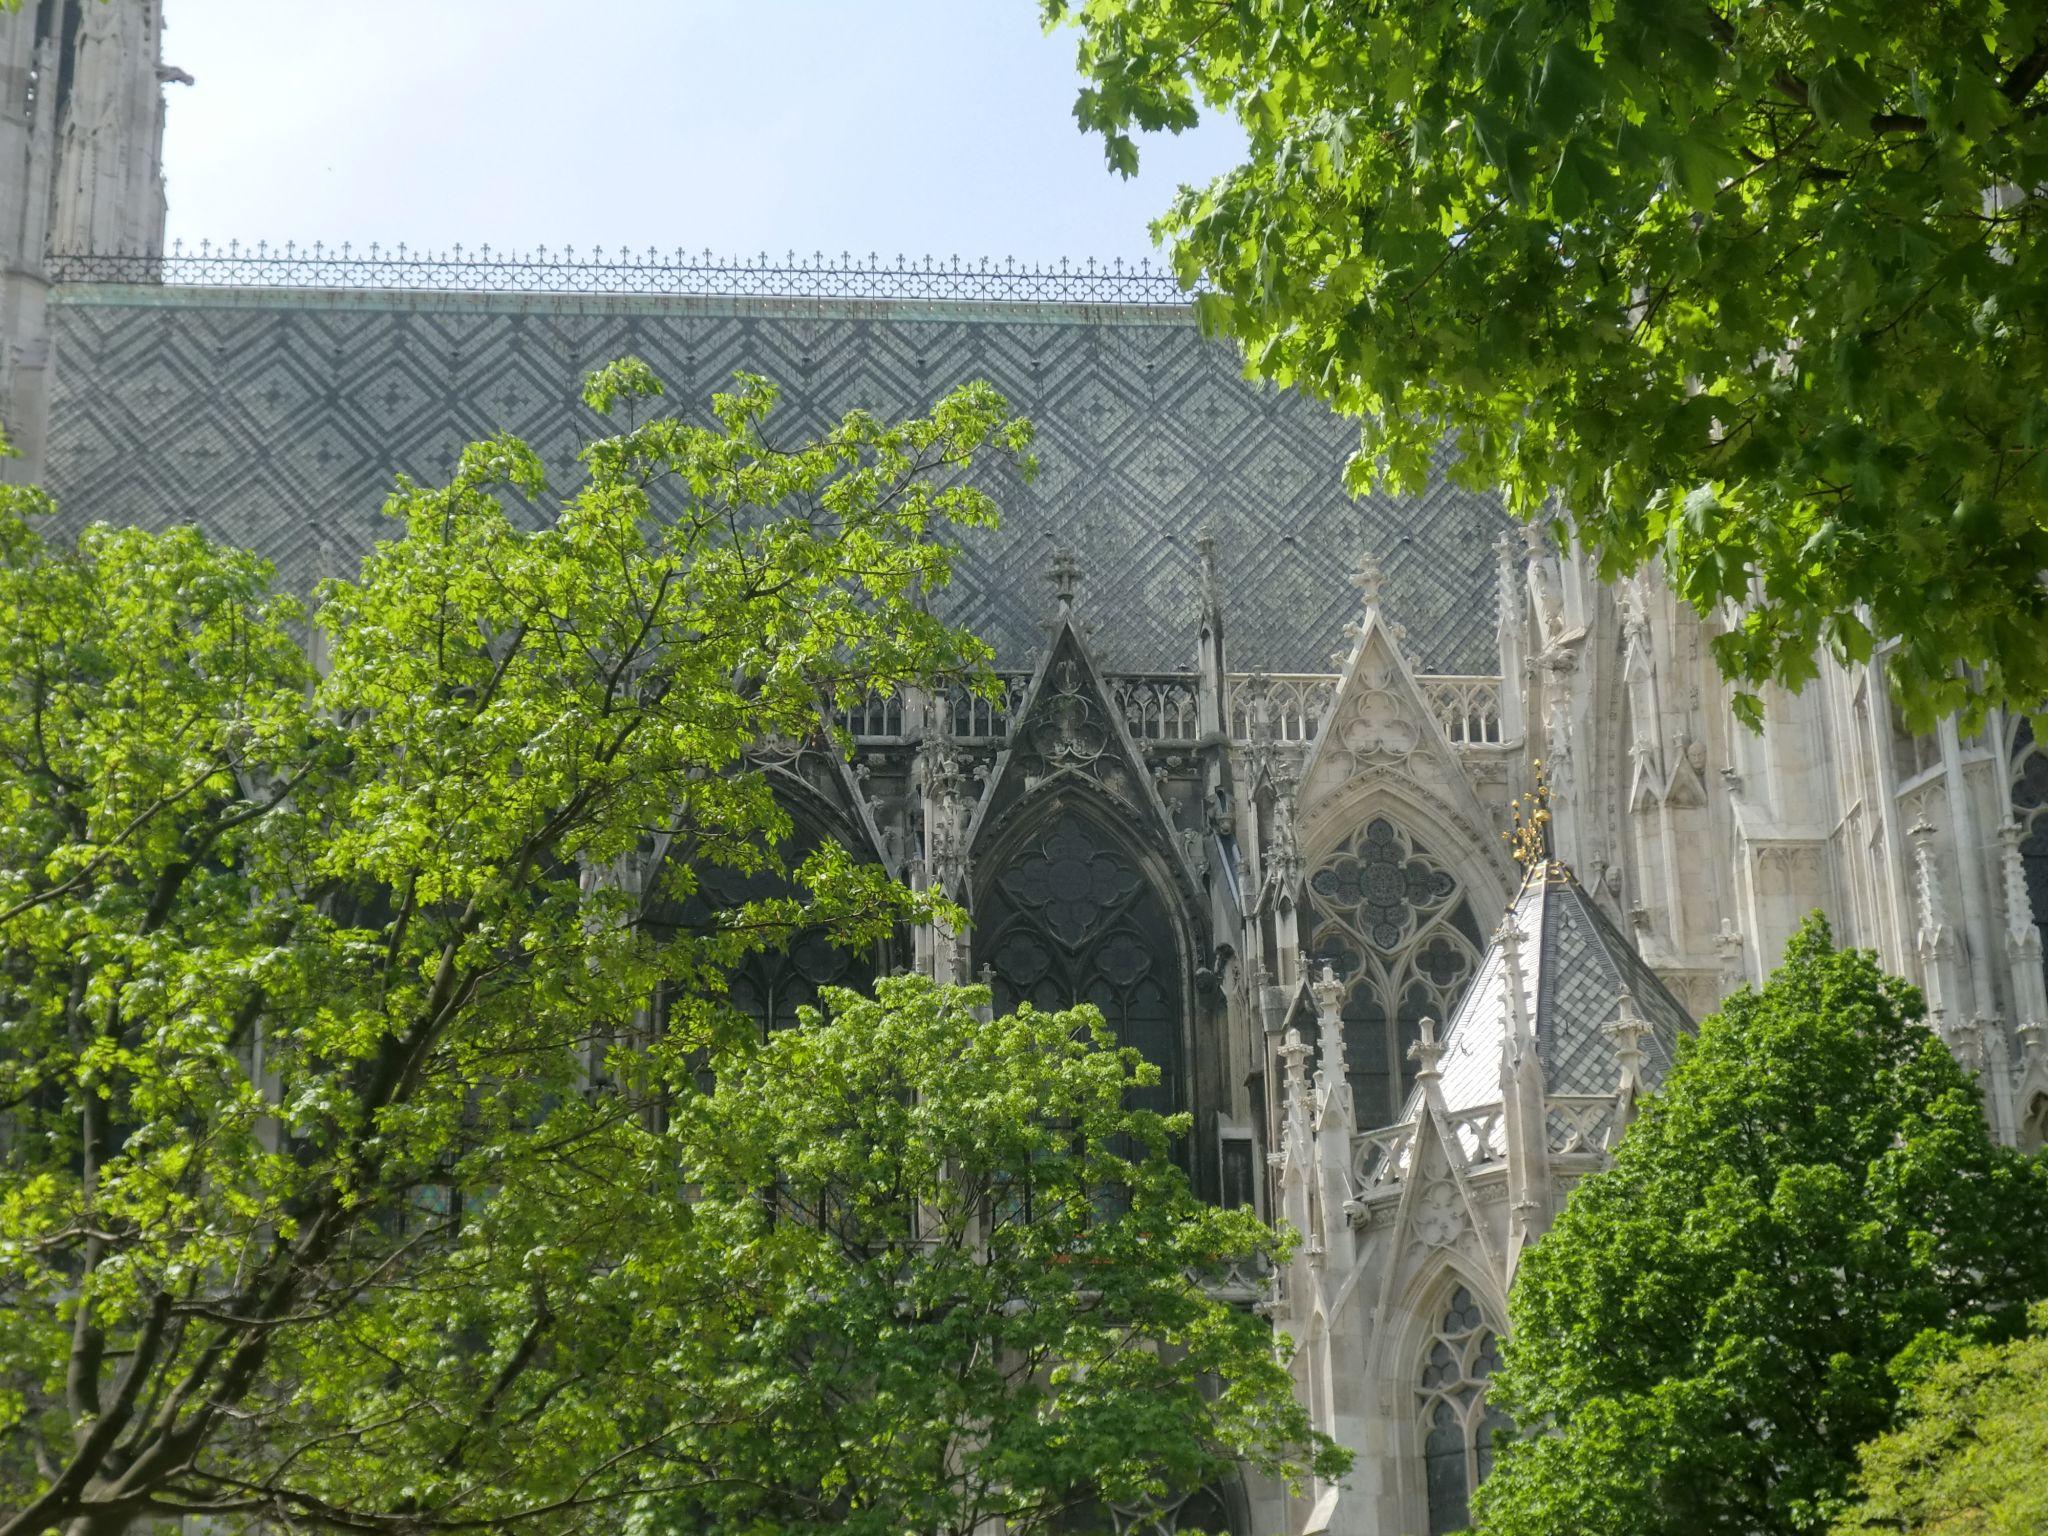 Vienna cathedral 56 1440x1080 - Vienna: elegant beauty